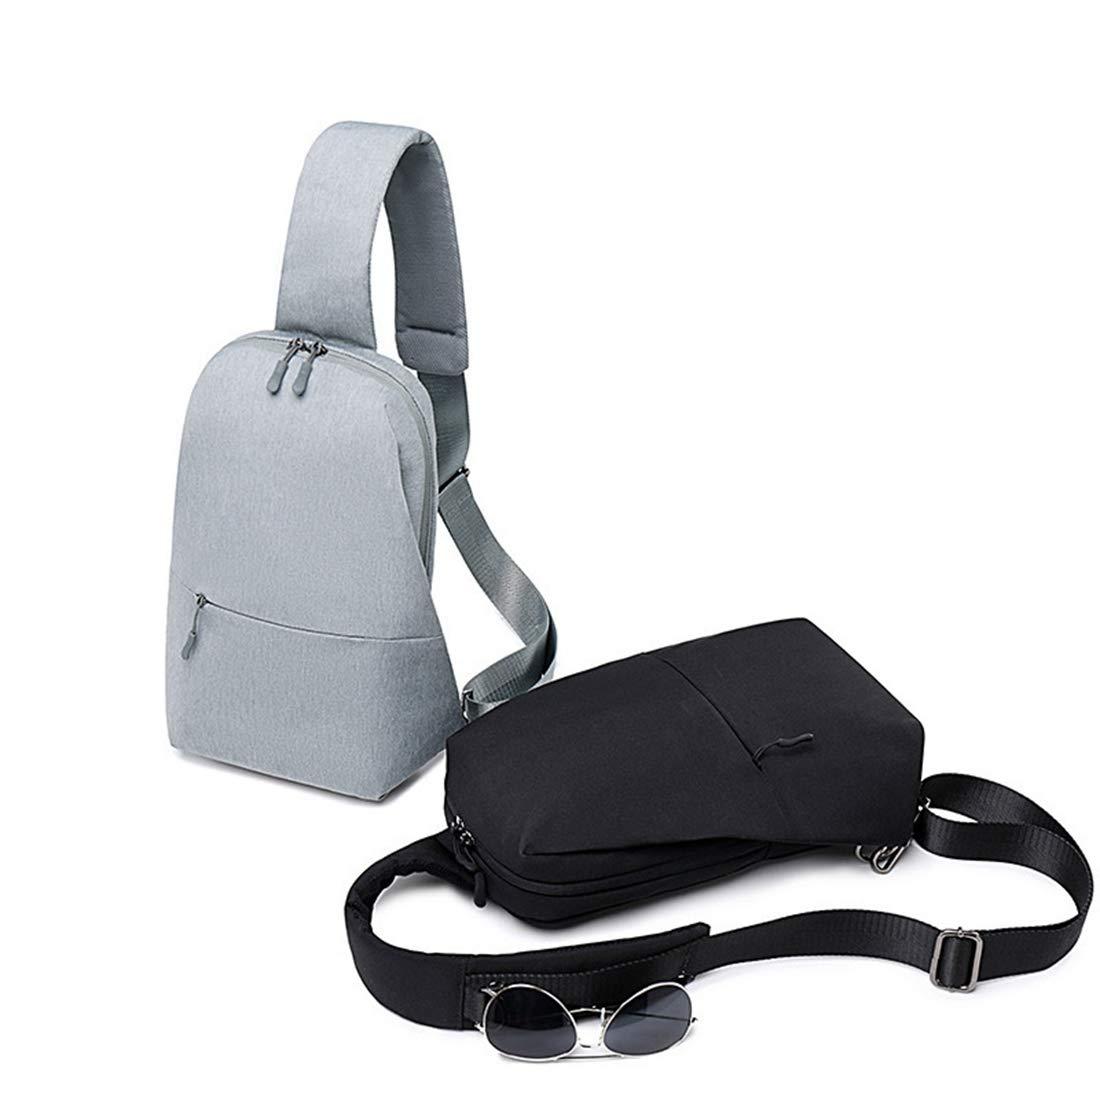 RABILTY Sling Chest Bag Outdoor Travel Hiking Crossbody Daypack for Men Women Color : Black